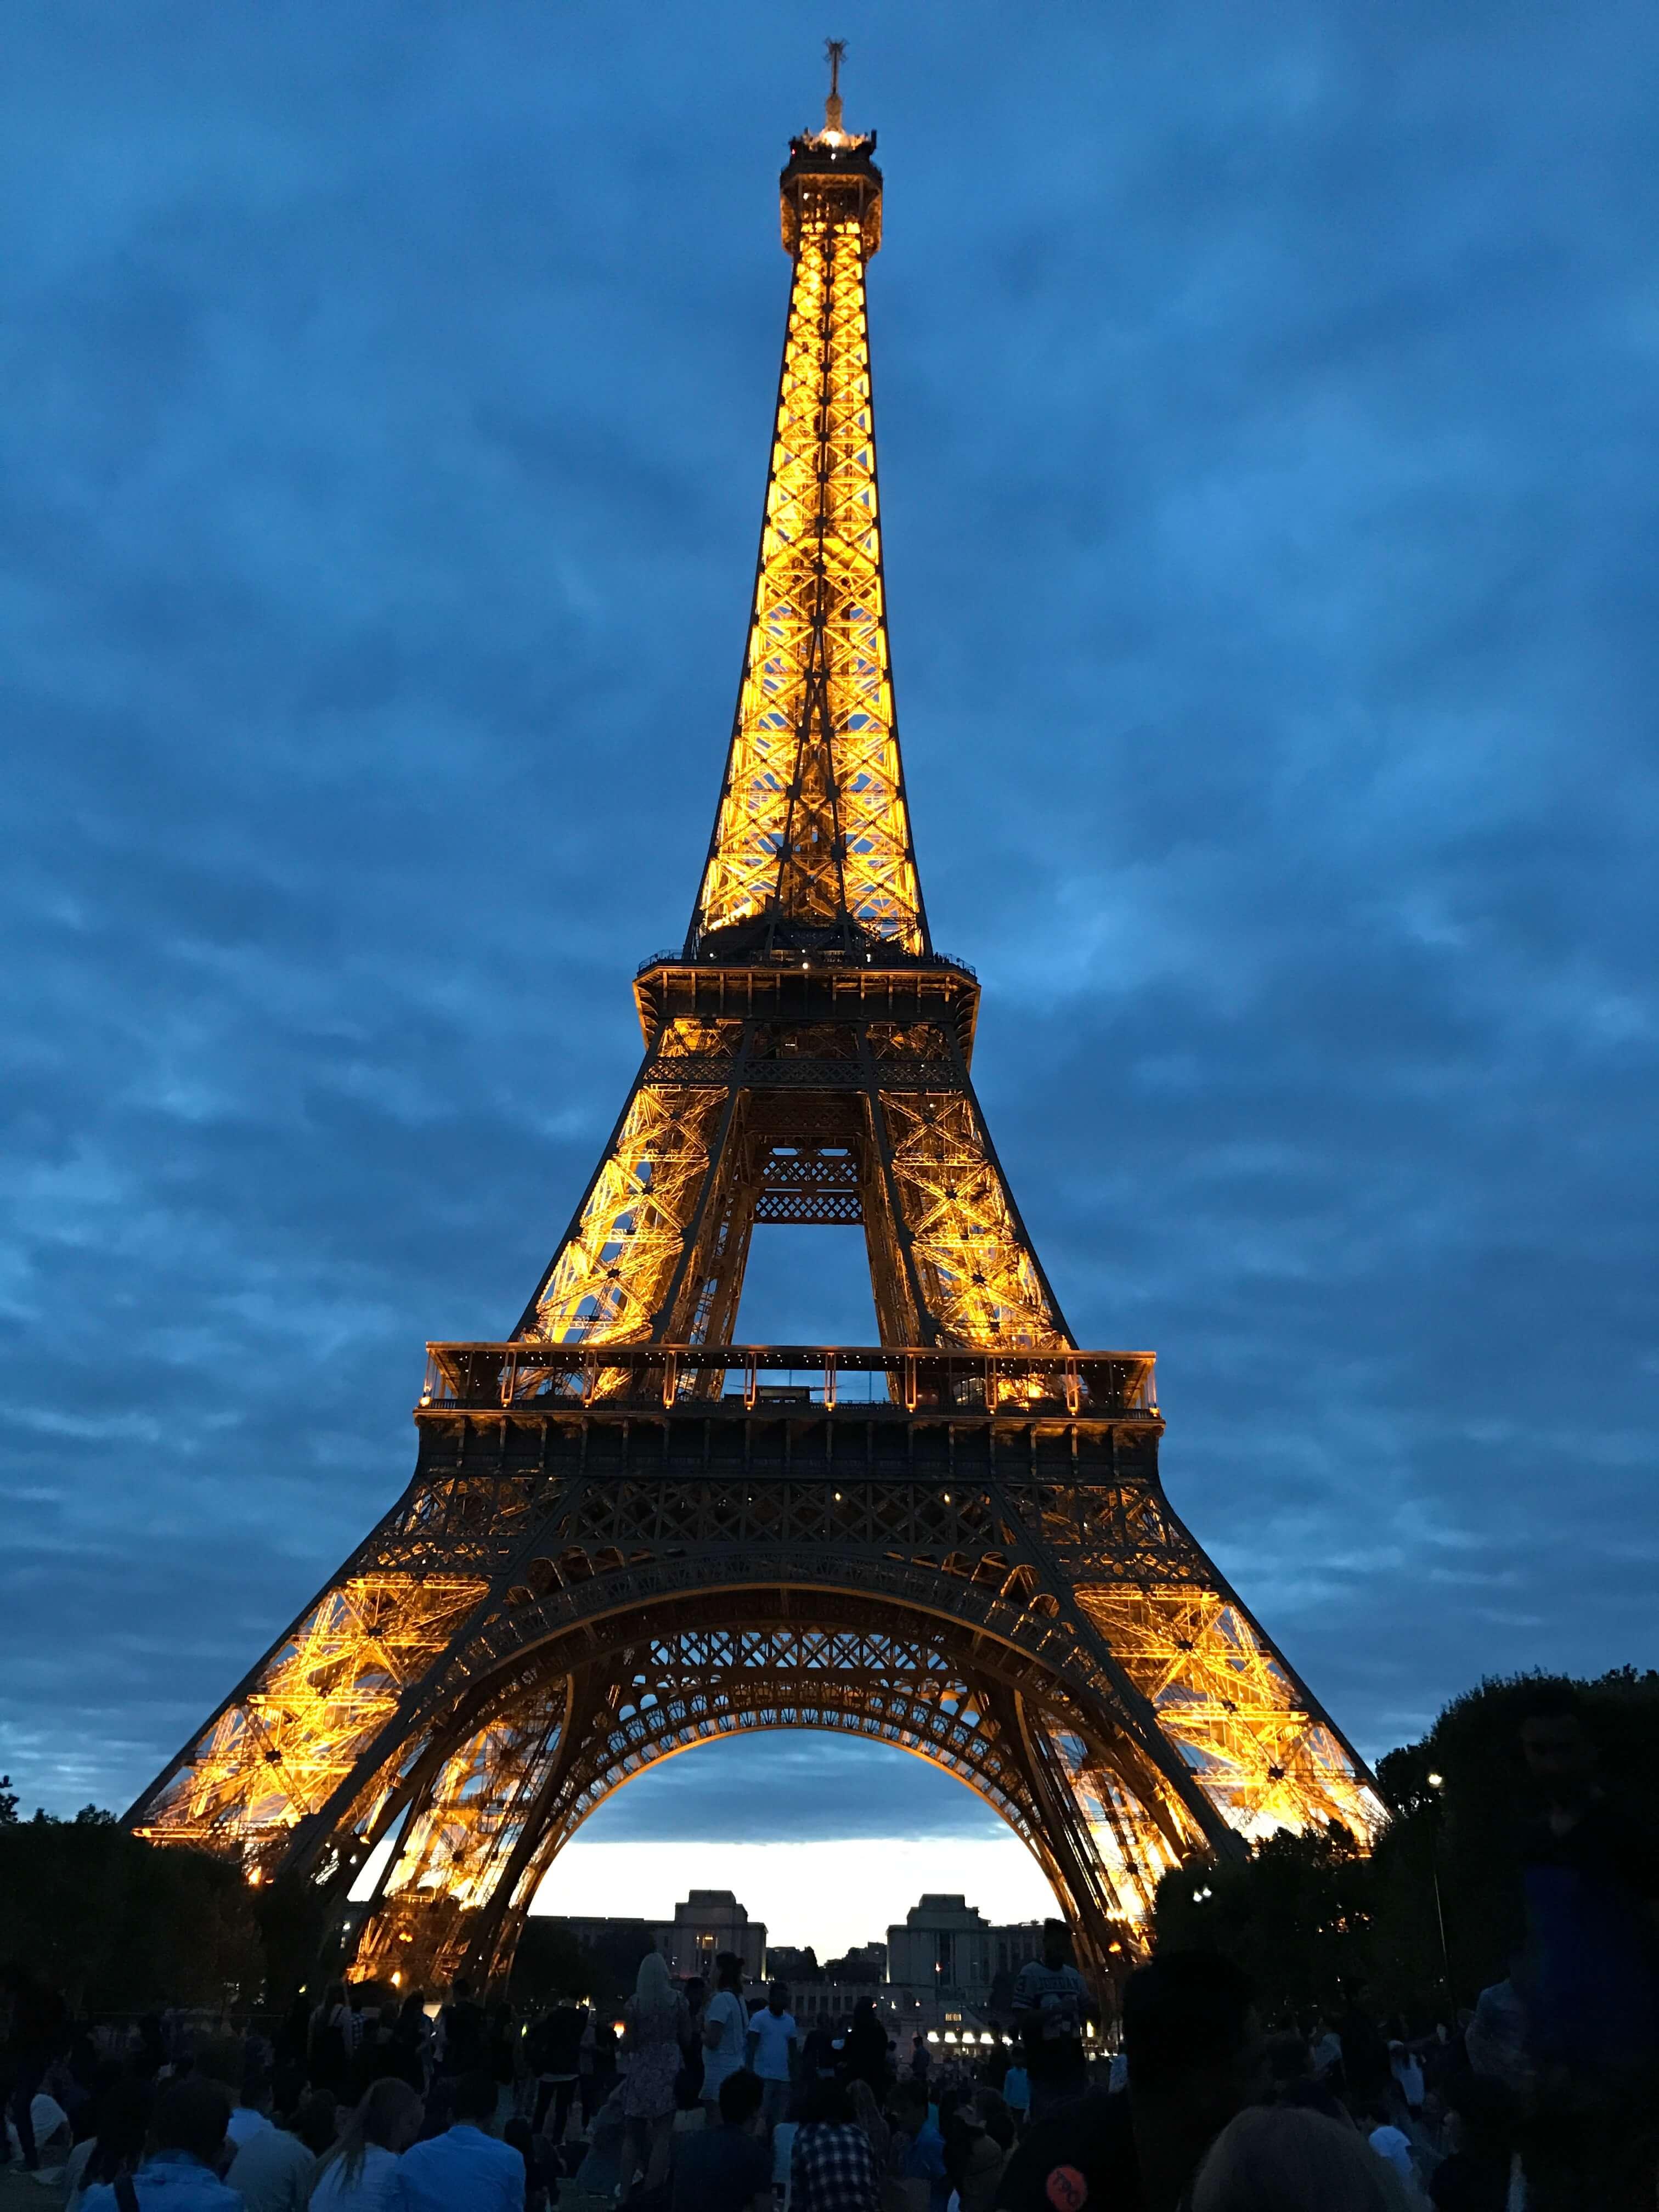 法國巴黎艾菲爾鐵塔 photo by 倍包客